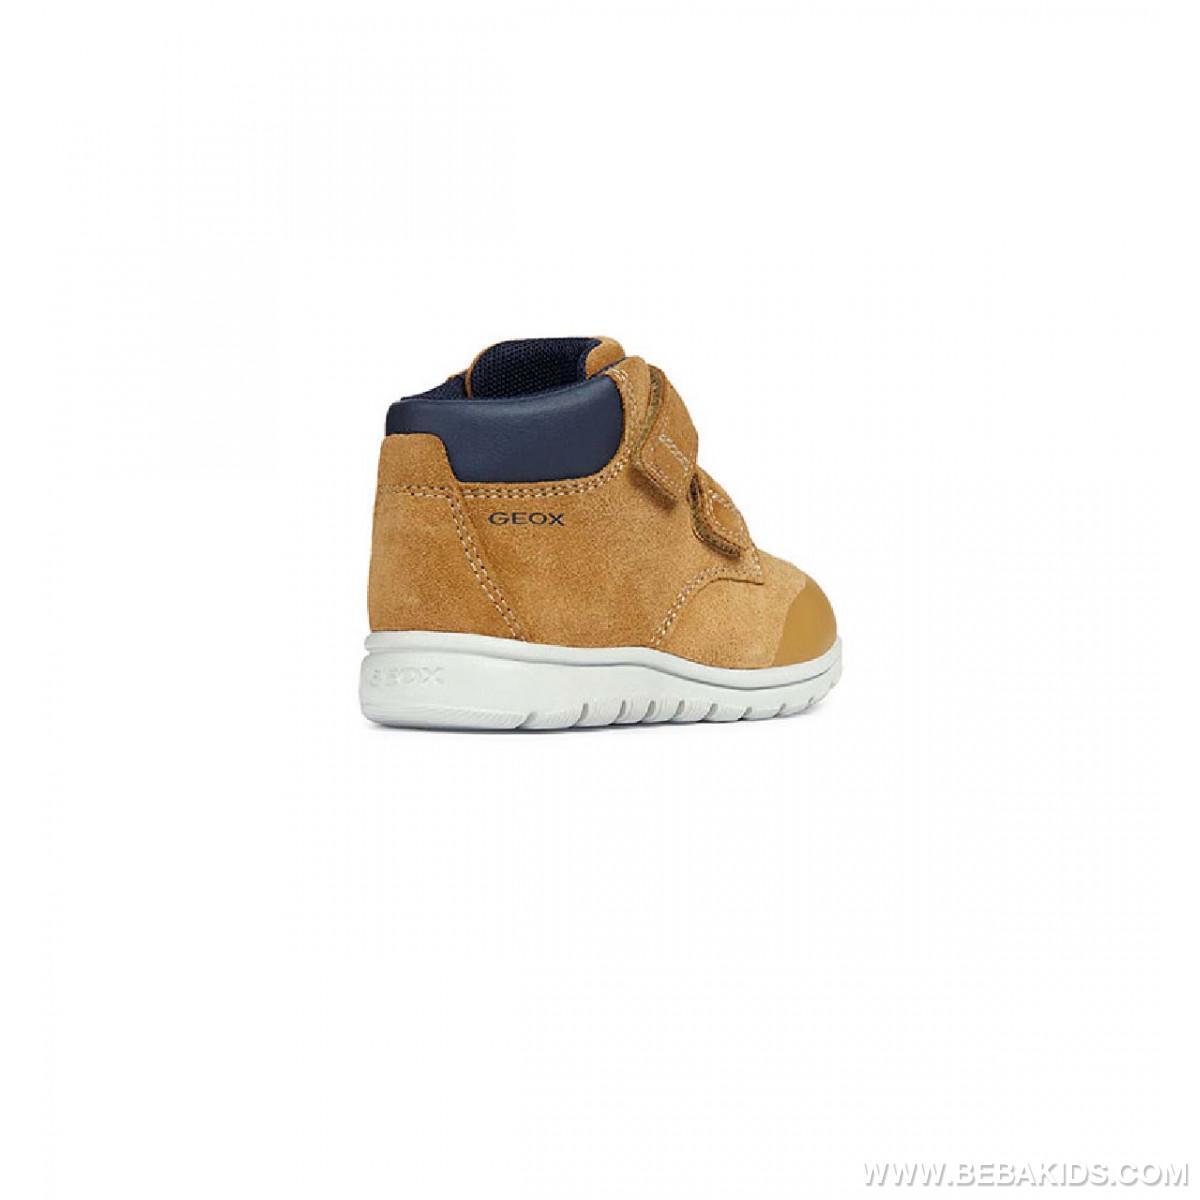 Cipela geox 20 - 27